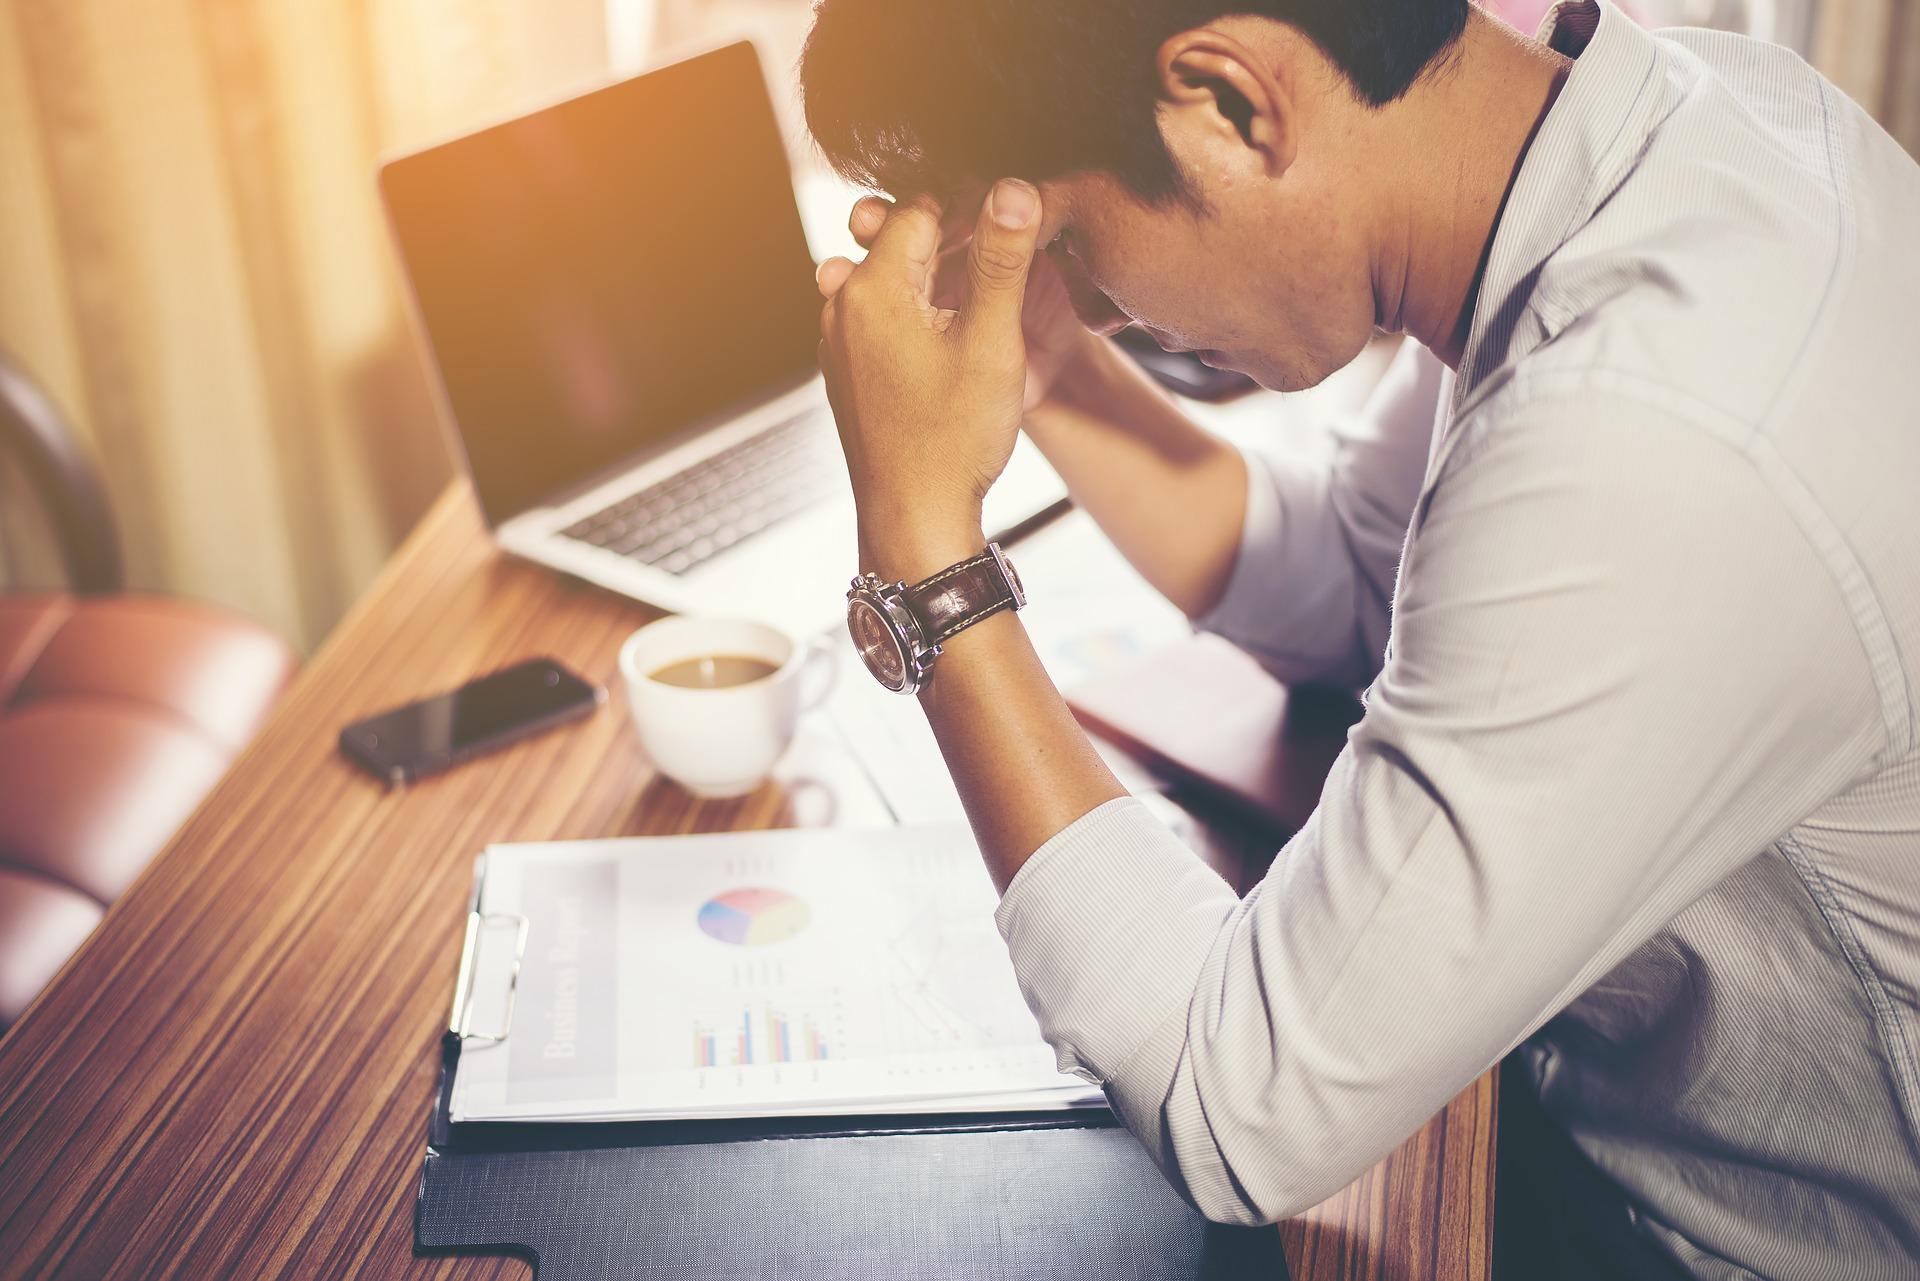 טיפים לעצמאים – האם להשקיע יותר בלקוחות או במוצרים שלי?